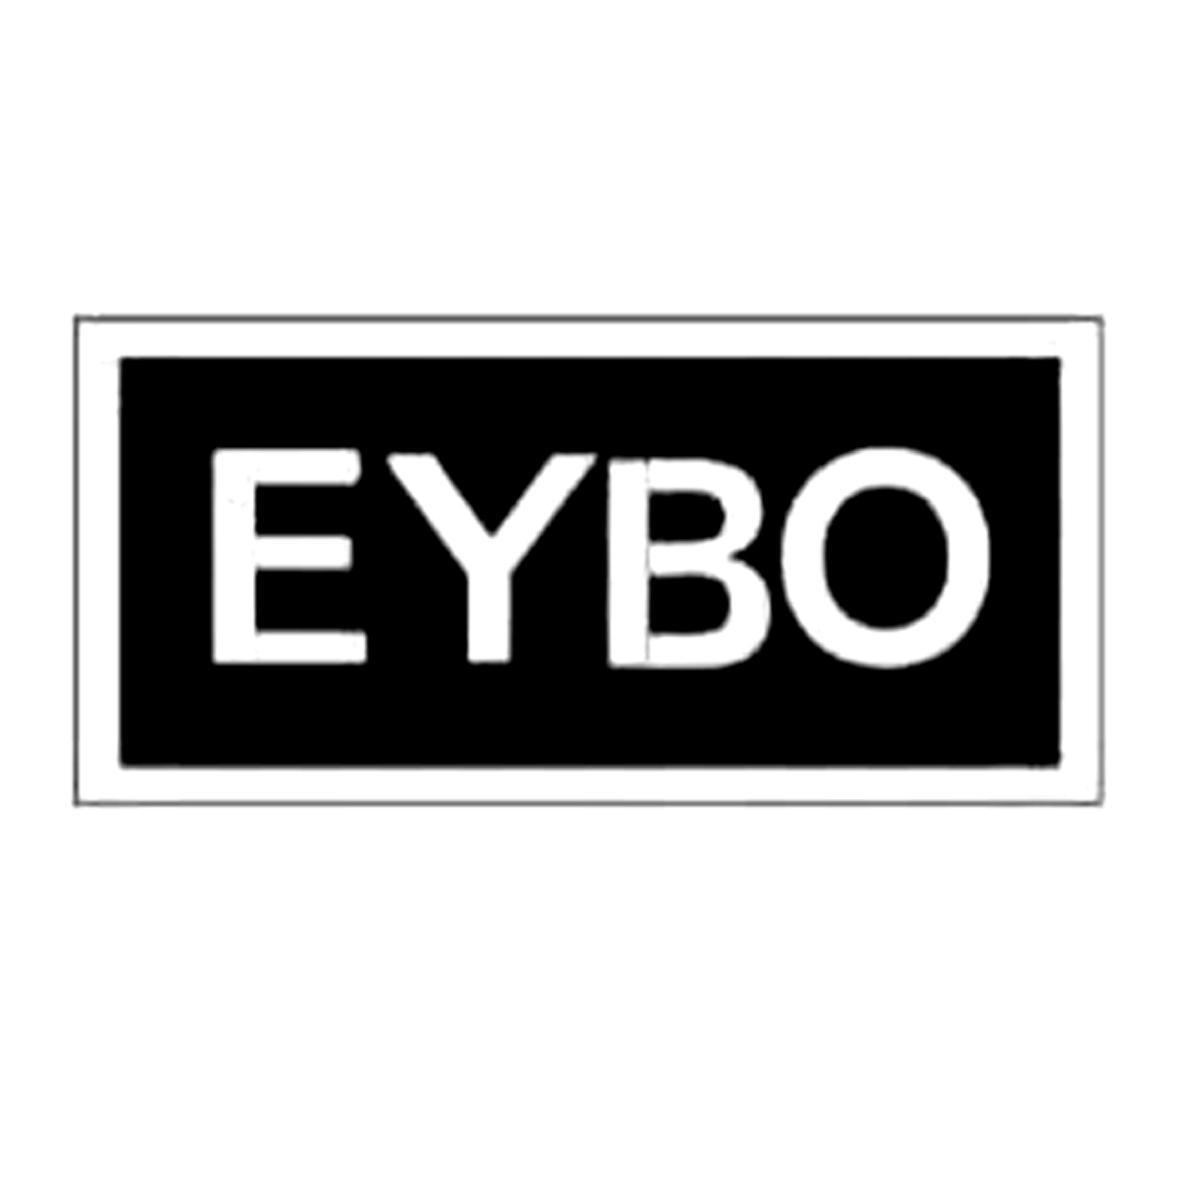 商标文字EYBO商标注册号 16640533、商标申请人一玻机电有限公司的商标详情 - 爱淘标商标查询